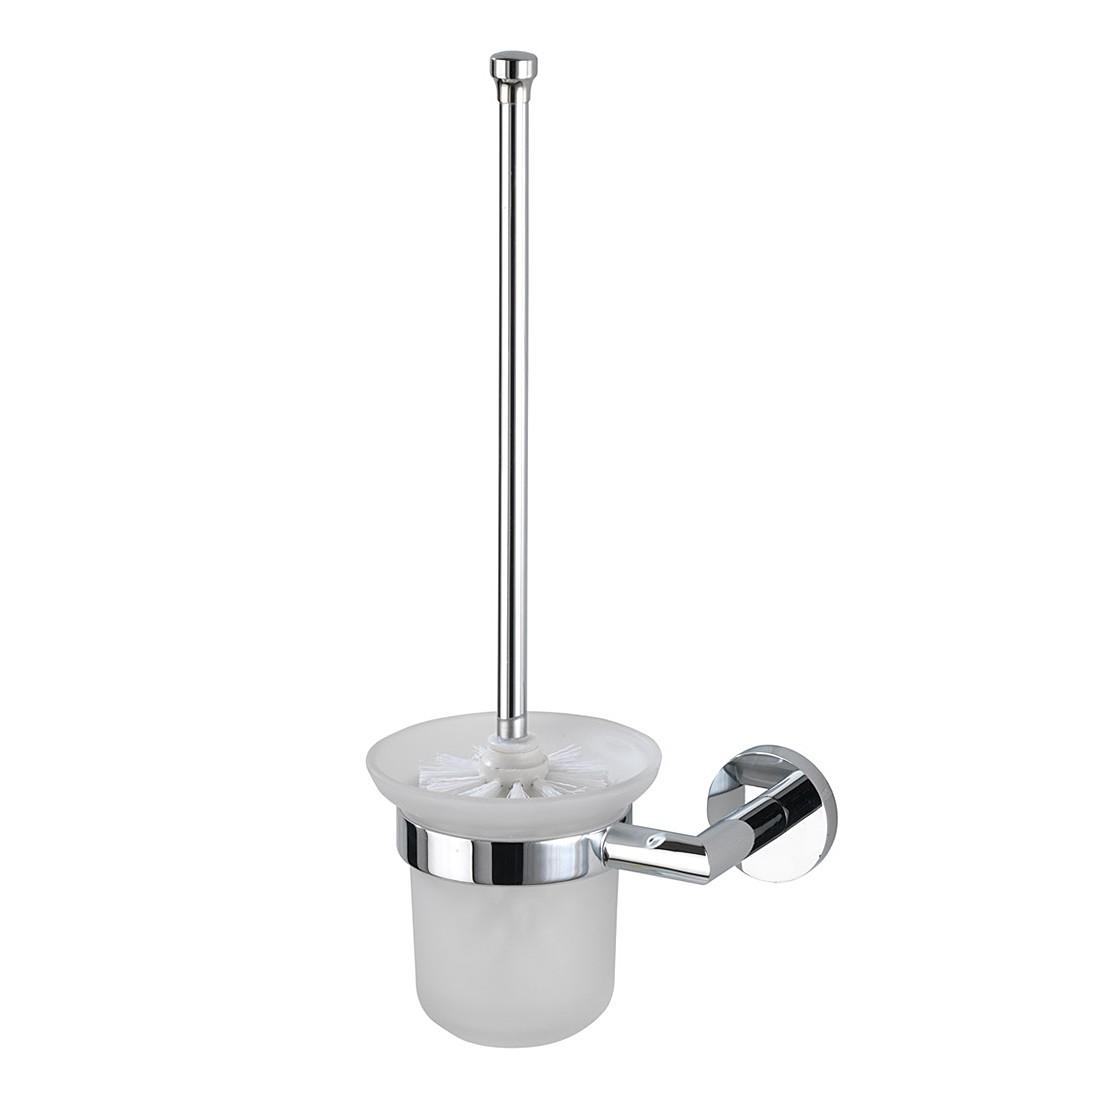 WC-Garnitur Revello – Power-Loc, WENKO jetzt bestellen